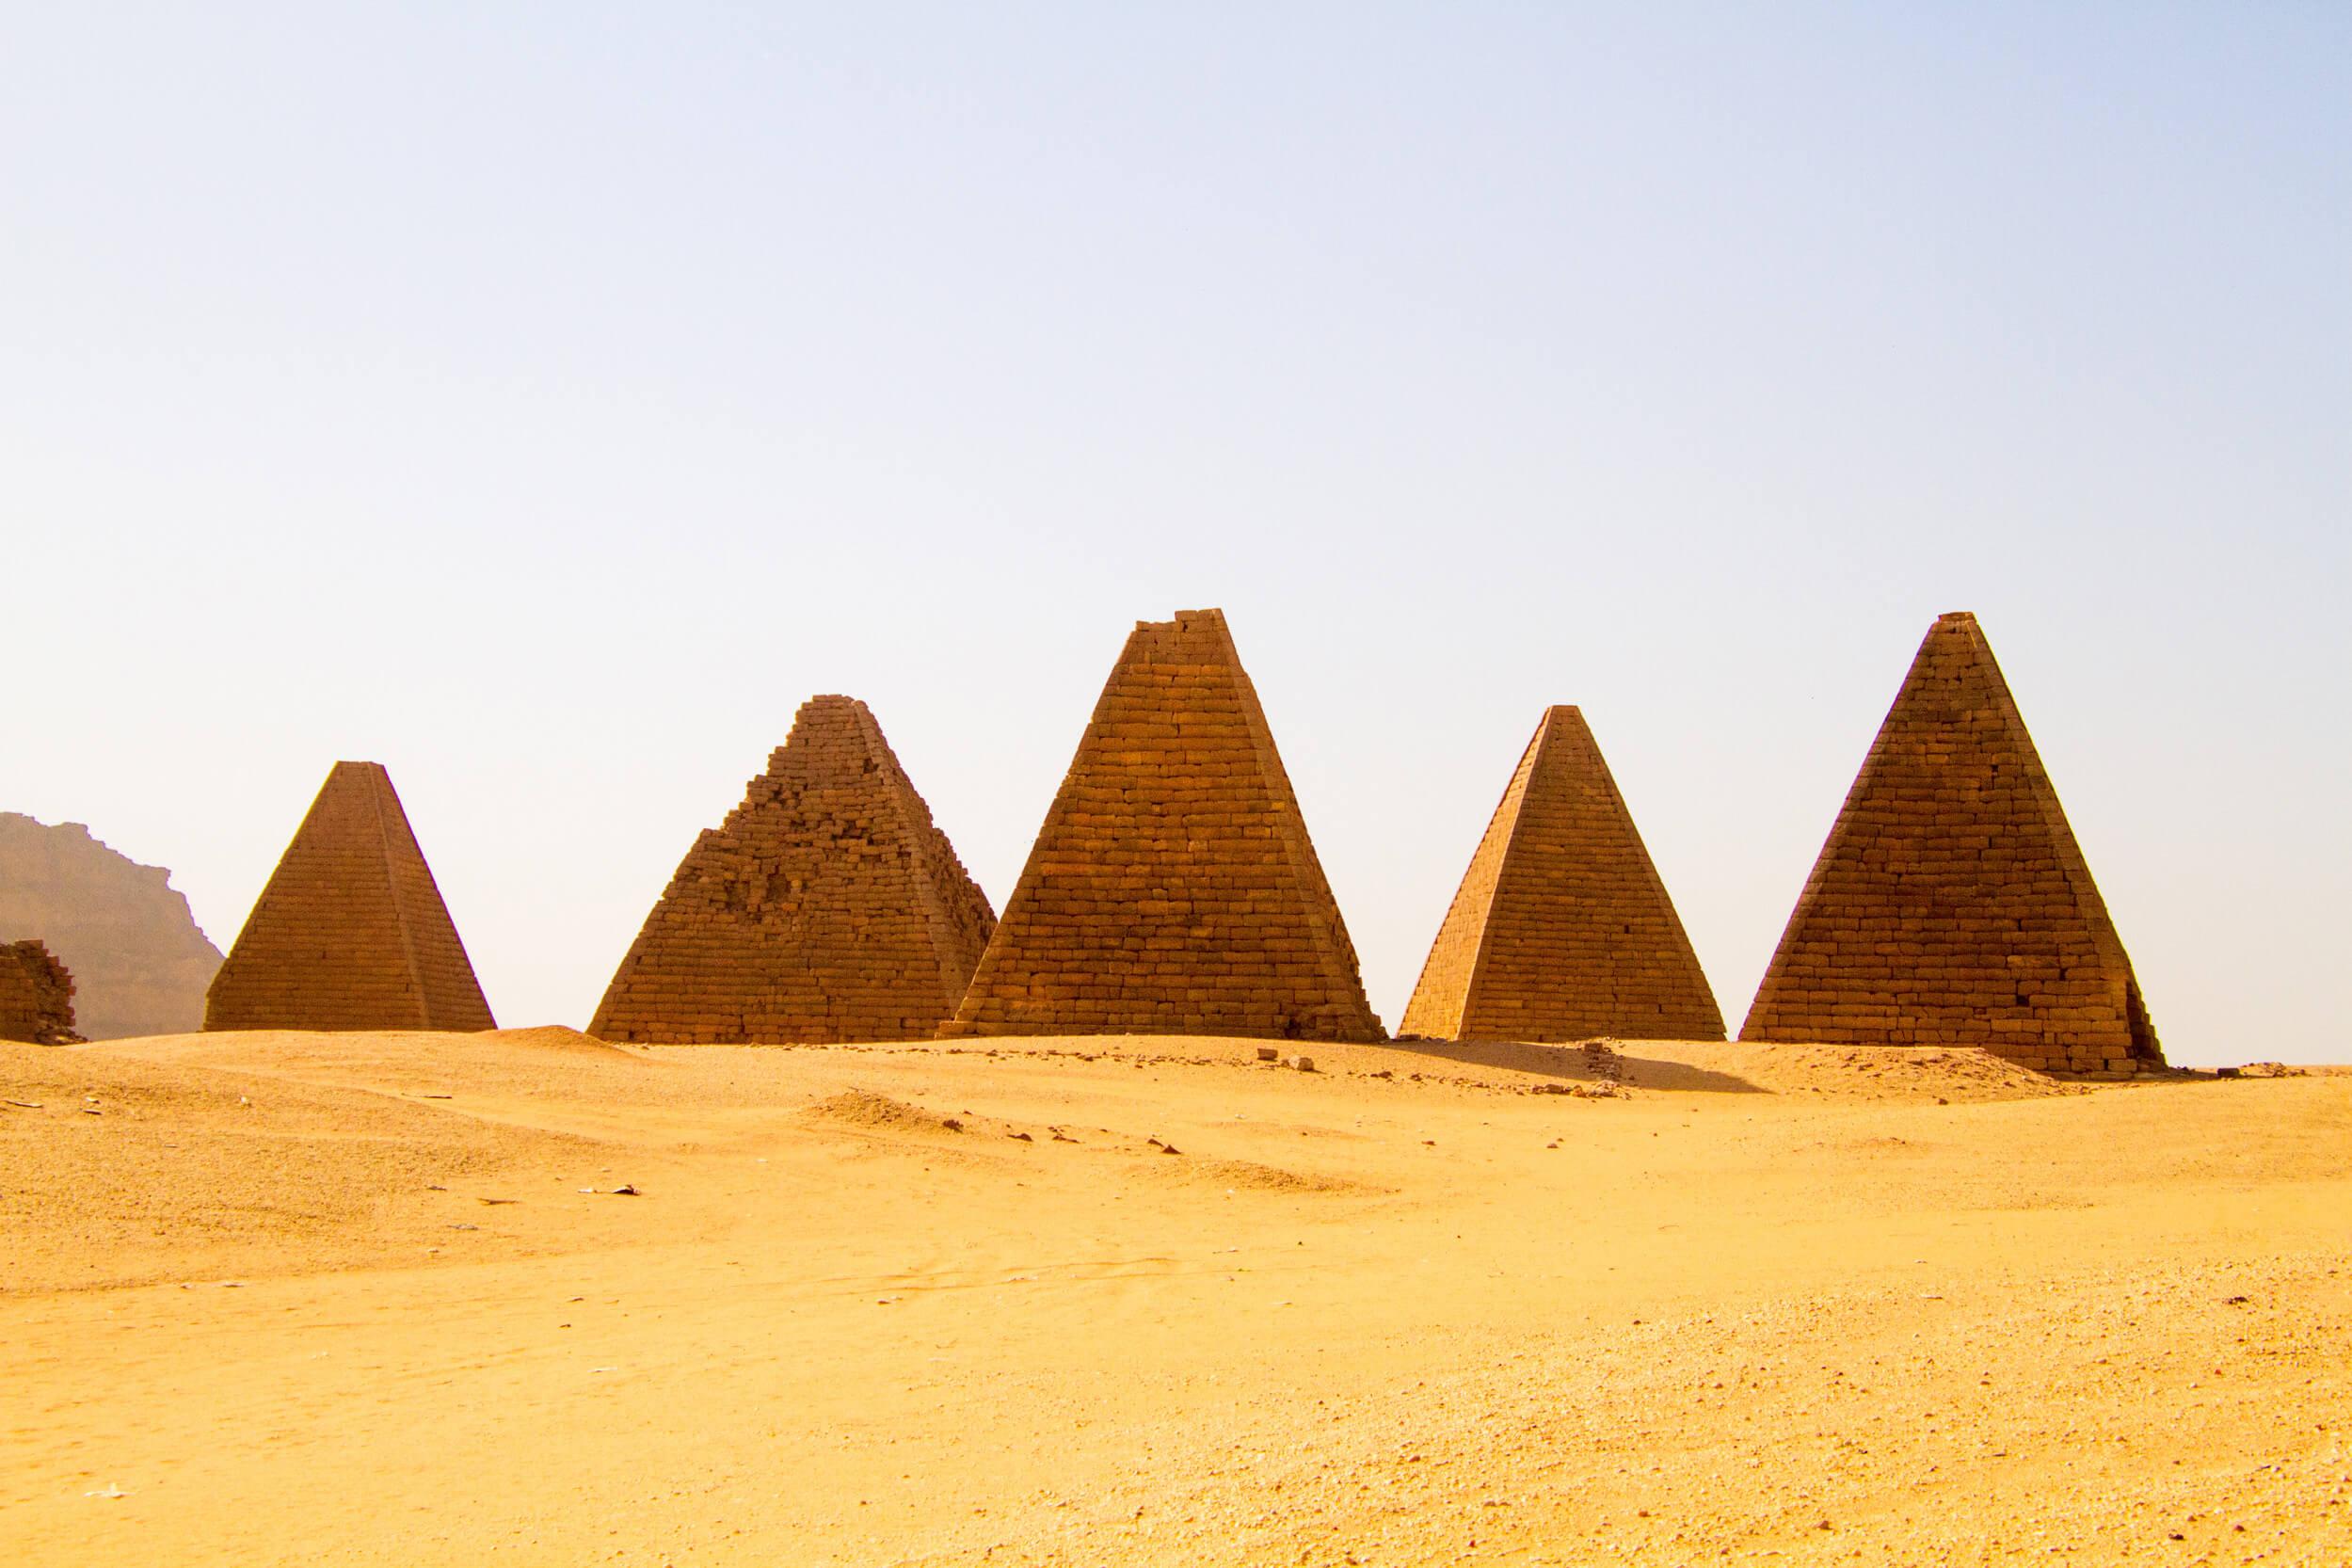 https://bubo.sk/uploads/galleries/7407/marekmeluch_sudan_karima_unknownkings.jpg